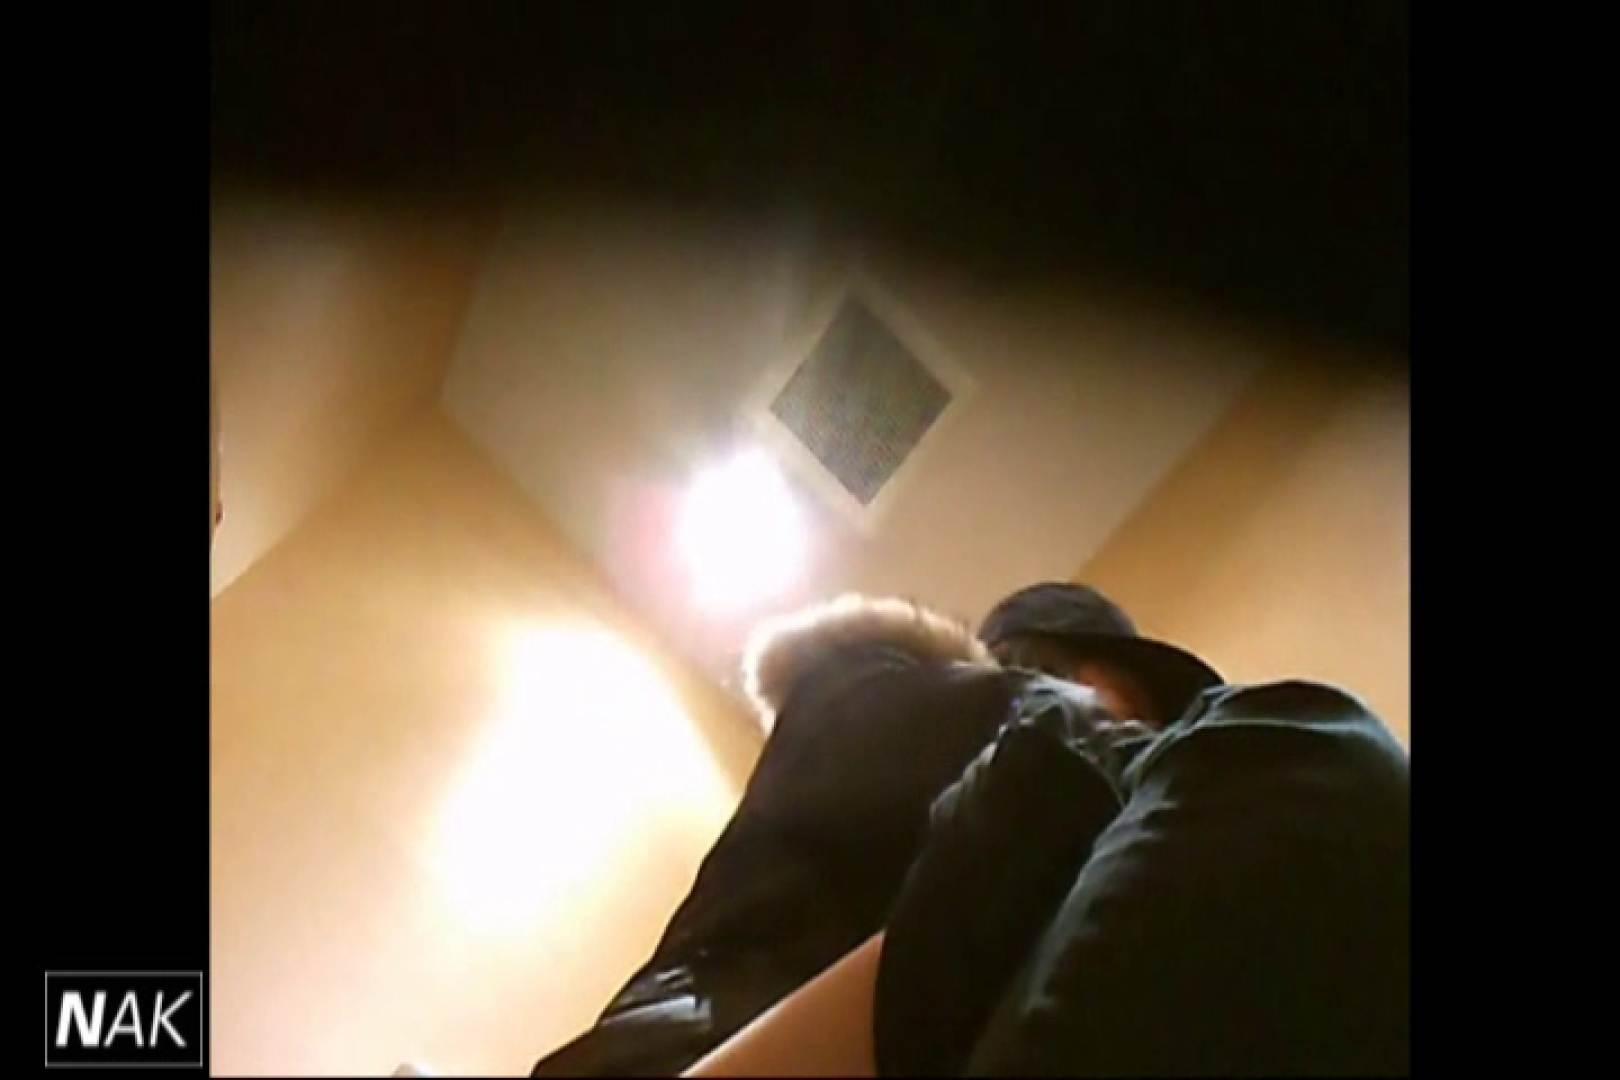 せん八さんの厠観察日記!2点監視カメラ 高画質5000K vol.19 高画質 | 厠  99pic 85